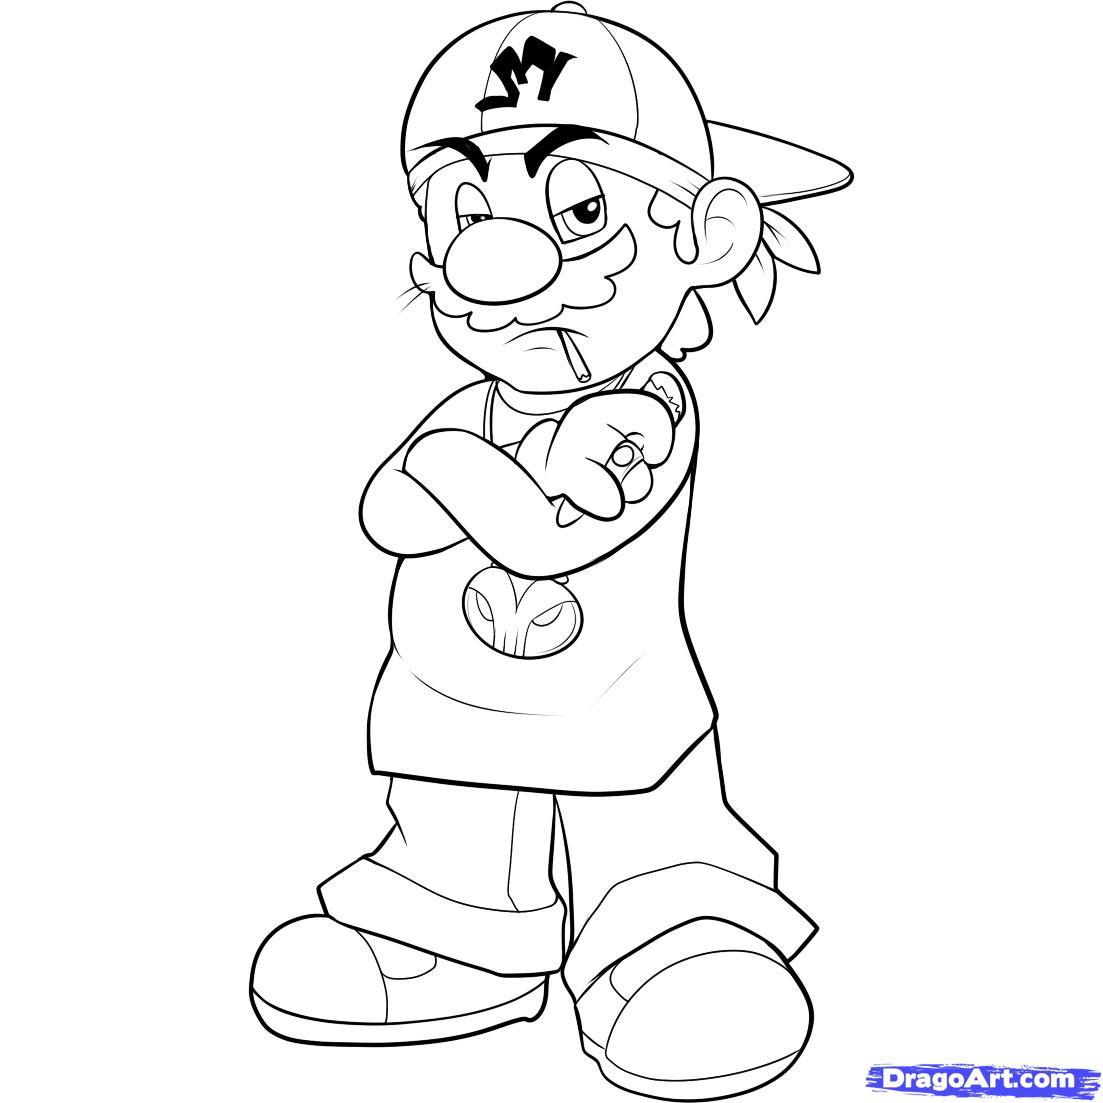 1103x1103 Drawings Of Cartoon Gangsters Drawings Of Cartoon Gangsters